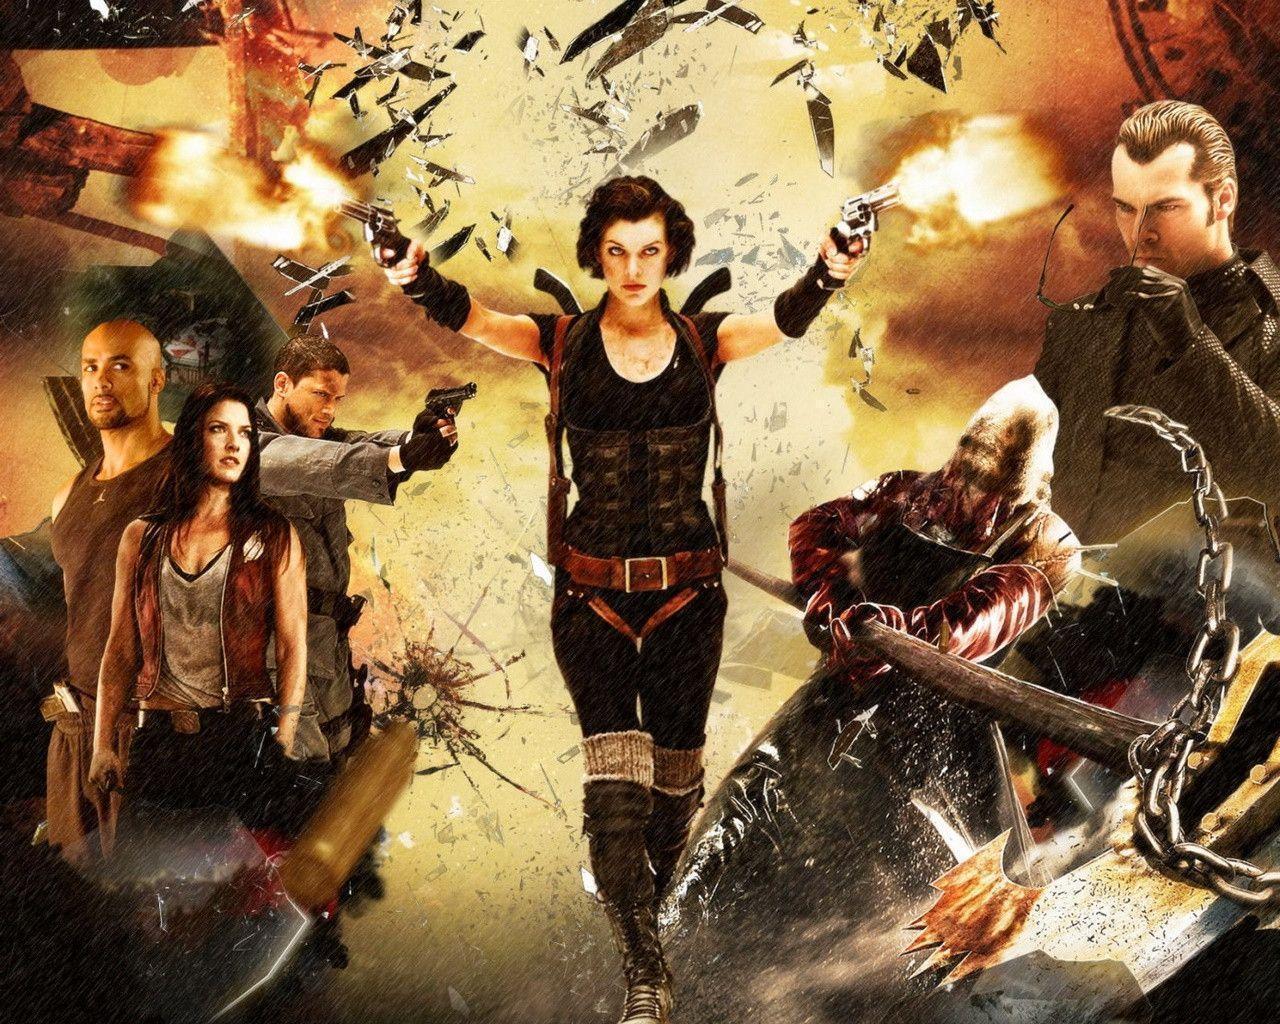 Apocalypse Full Movie Online